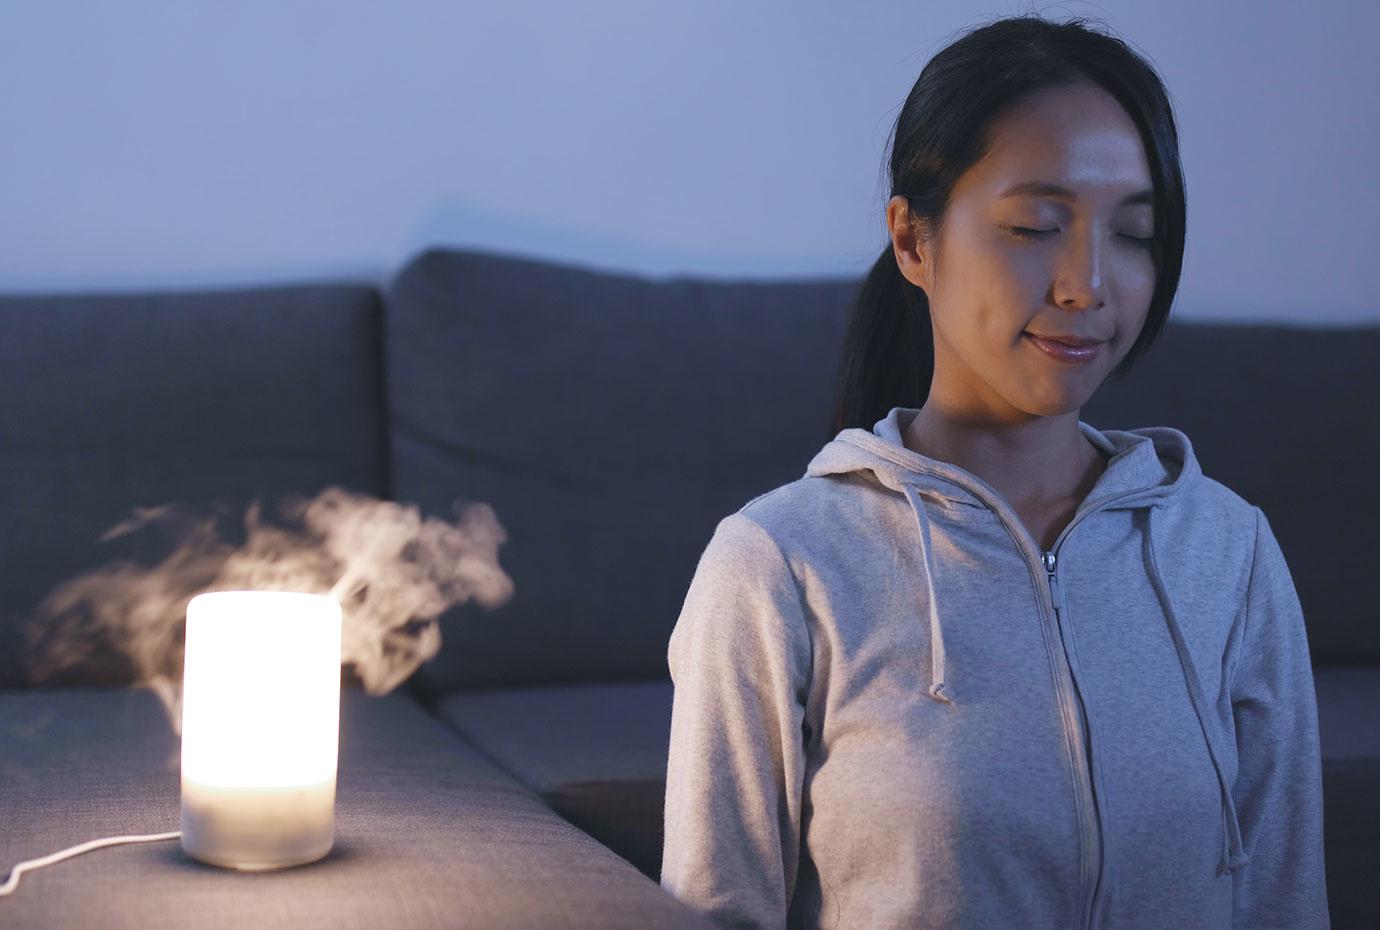 孤独を感じた時は香りで癒やされよう!タイプ別で選ぶアロマディフューザーの選び方